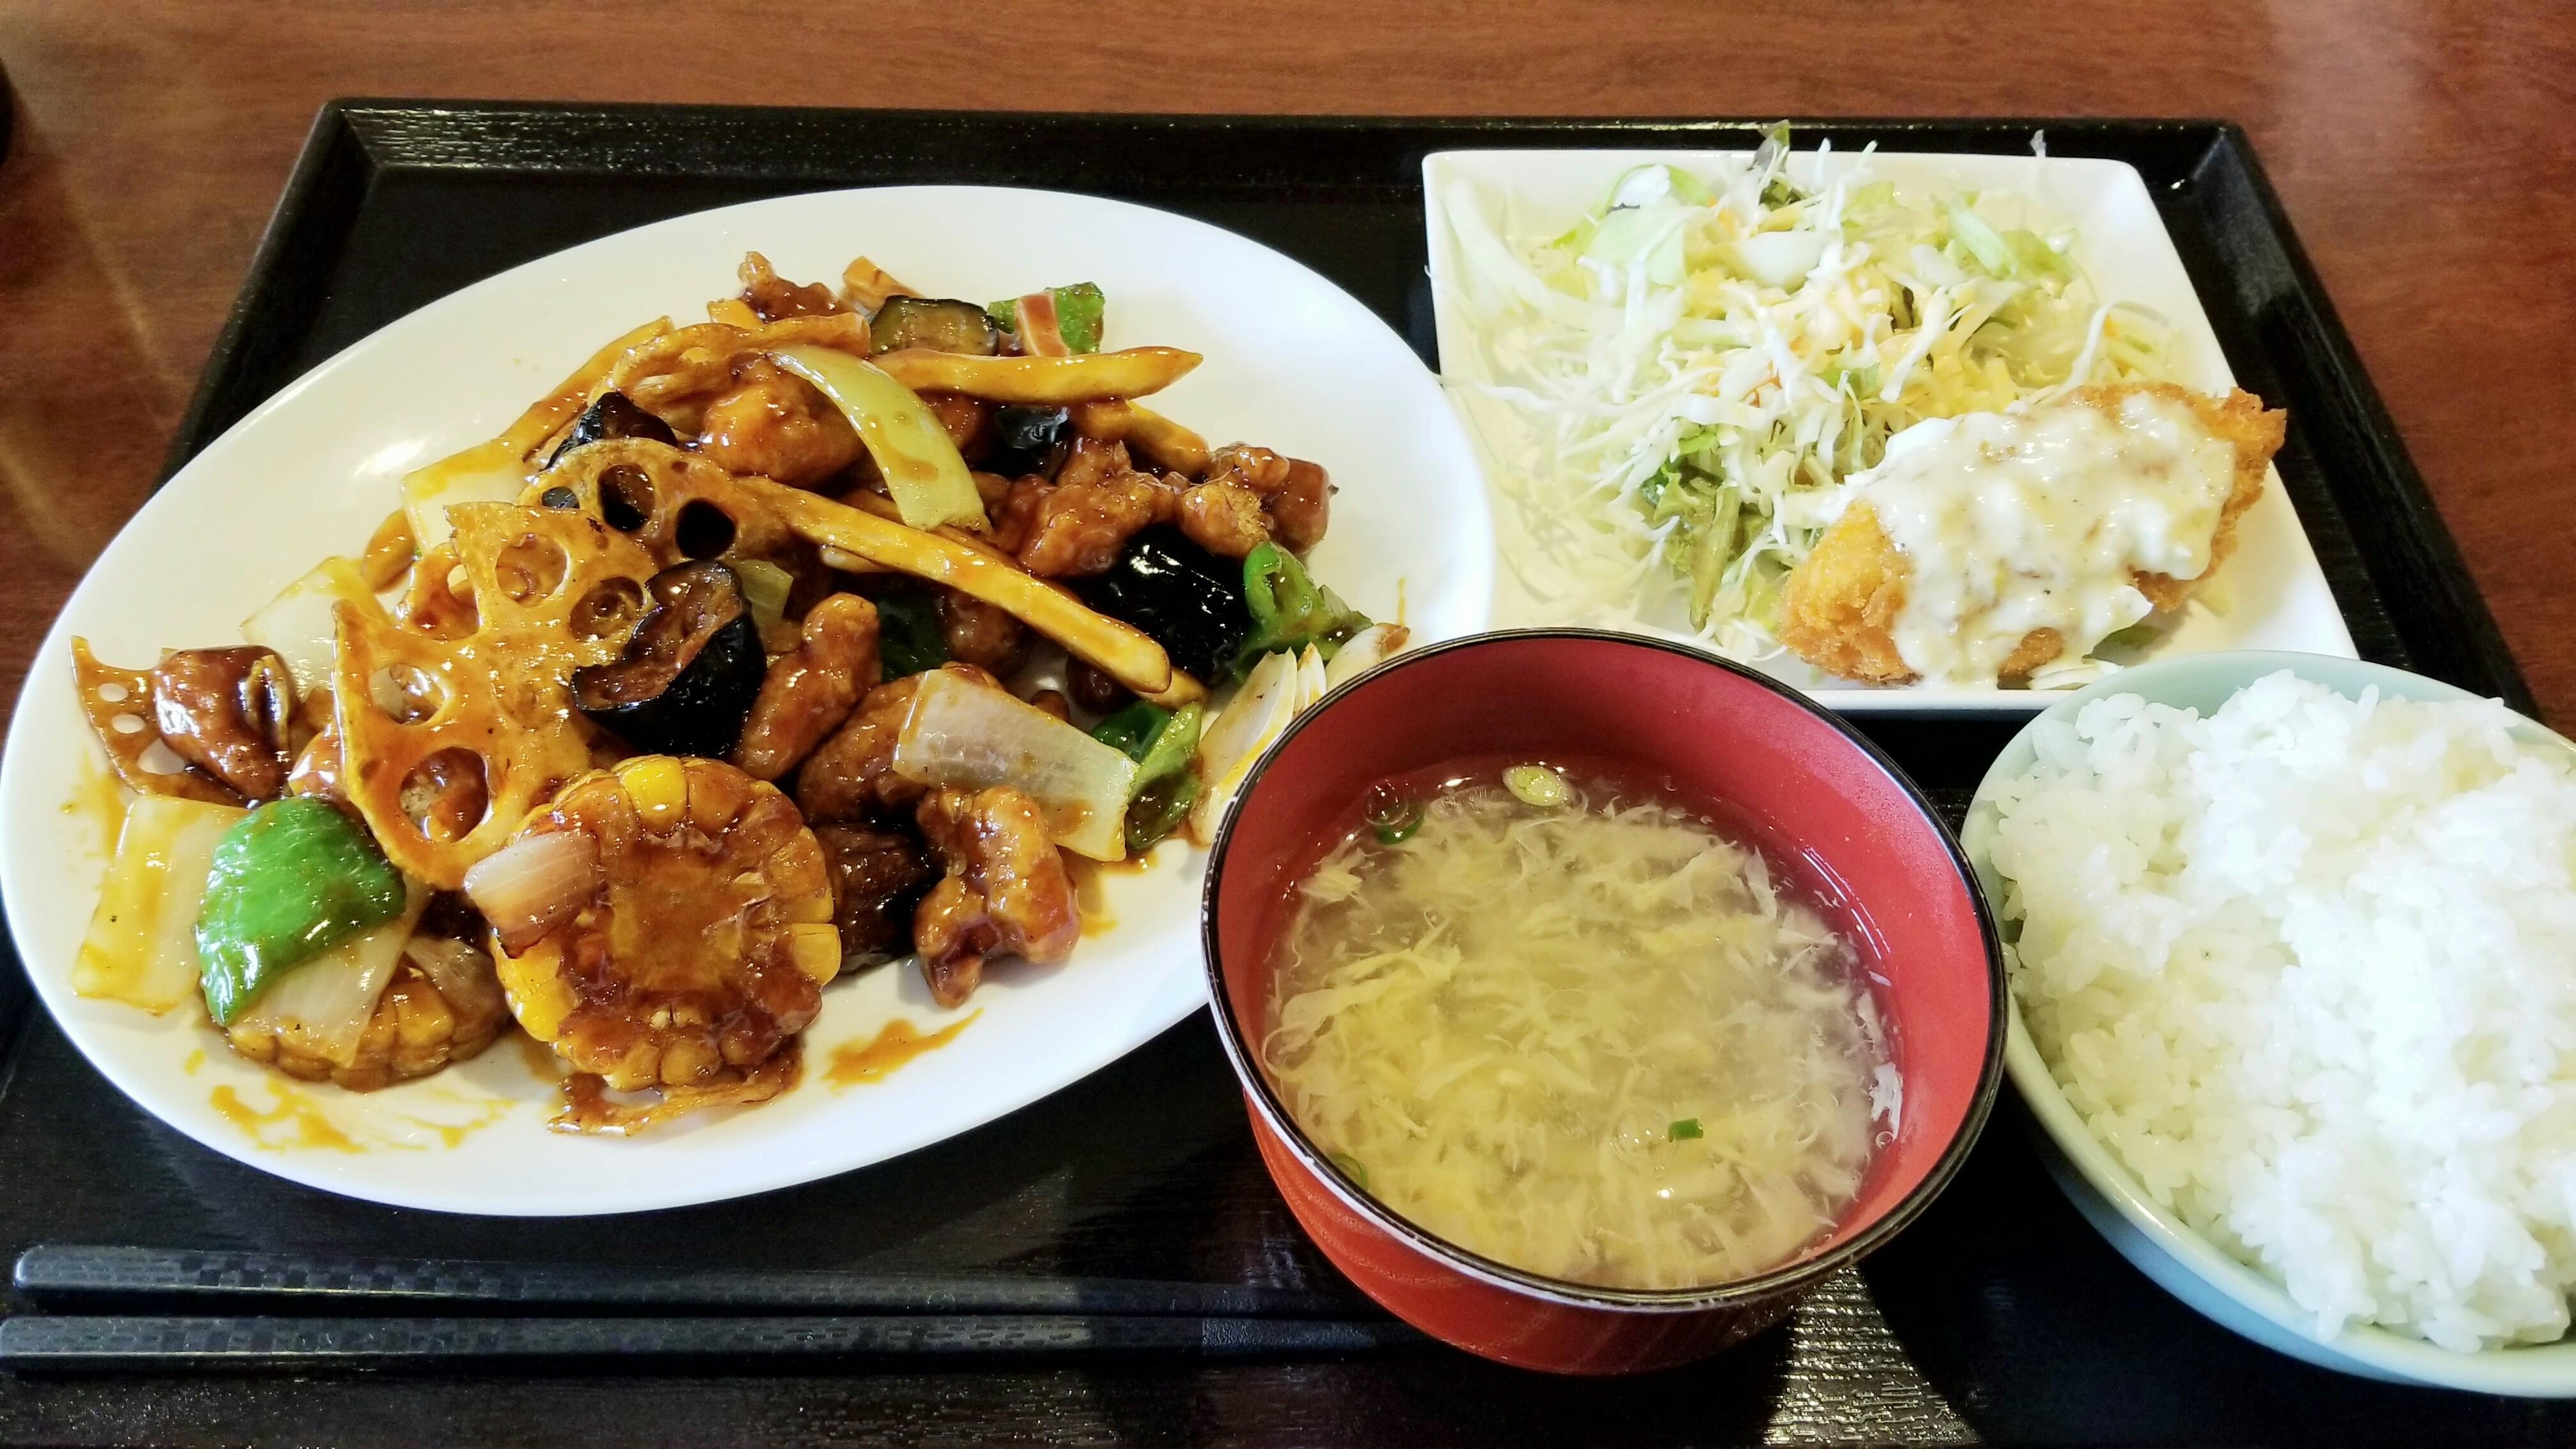 中華料理ランチ種類あんかけ炒め物美味しいおすすめ豚肉野菜本場安い